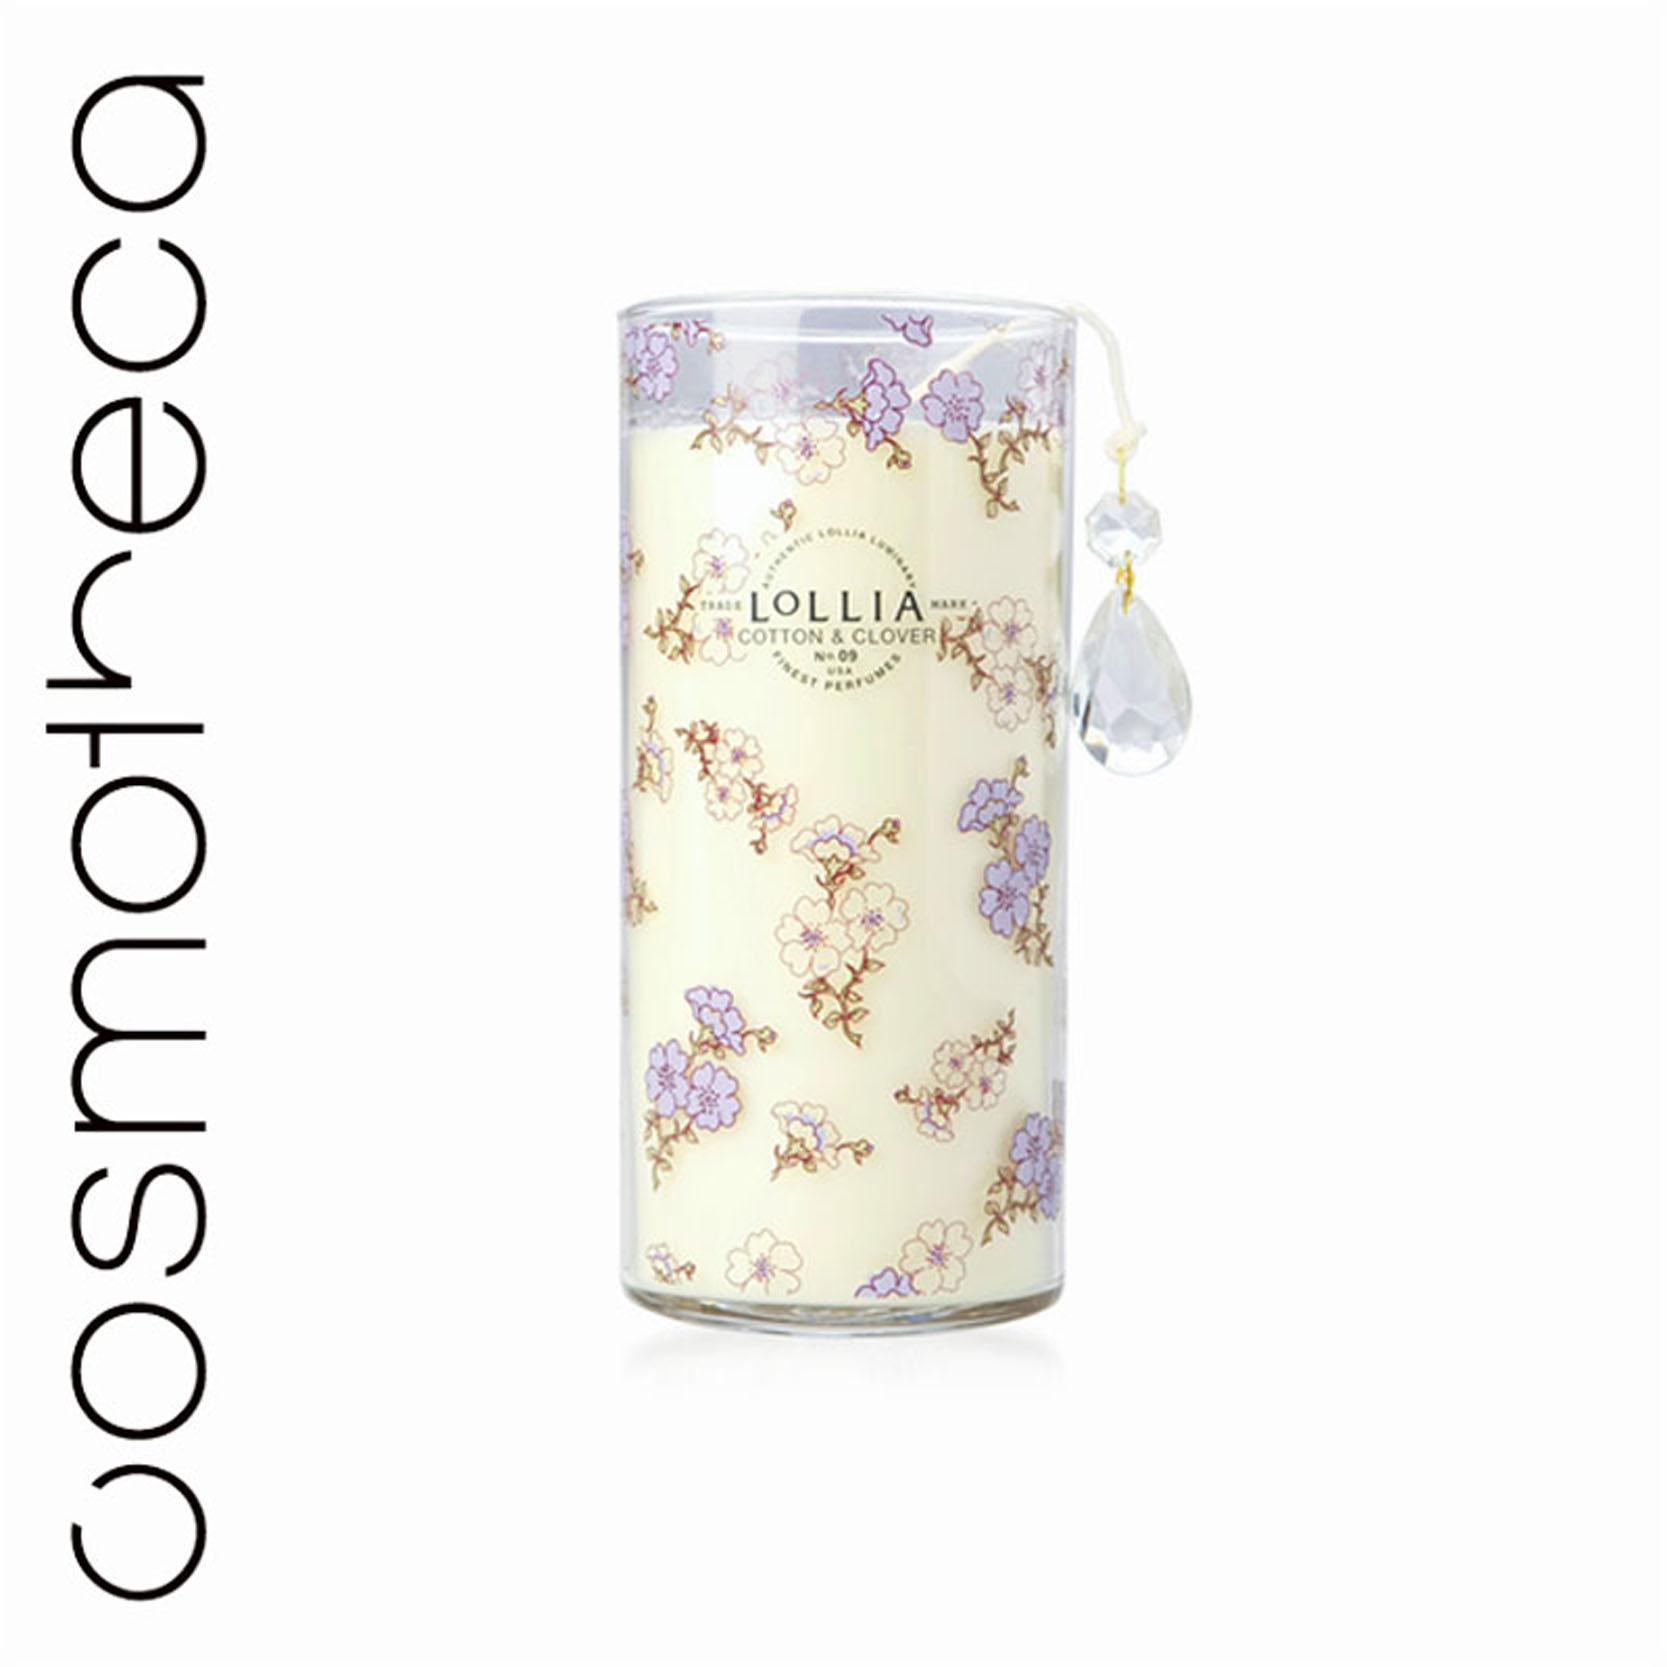 Lollia Свеча ароматизированная Релакс 828 грTKM10QCСвеча ароматизированная Релакс. Ароматические ноты: лаванда, мед, белая орхидея, индийское янтарное дерево, тайская ваниль